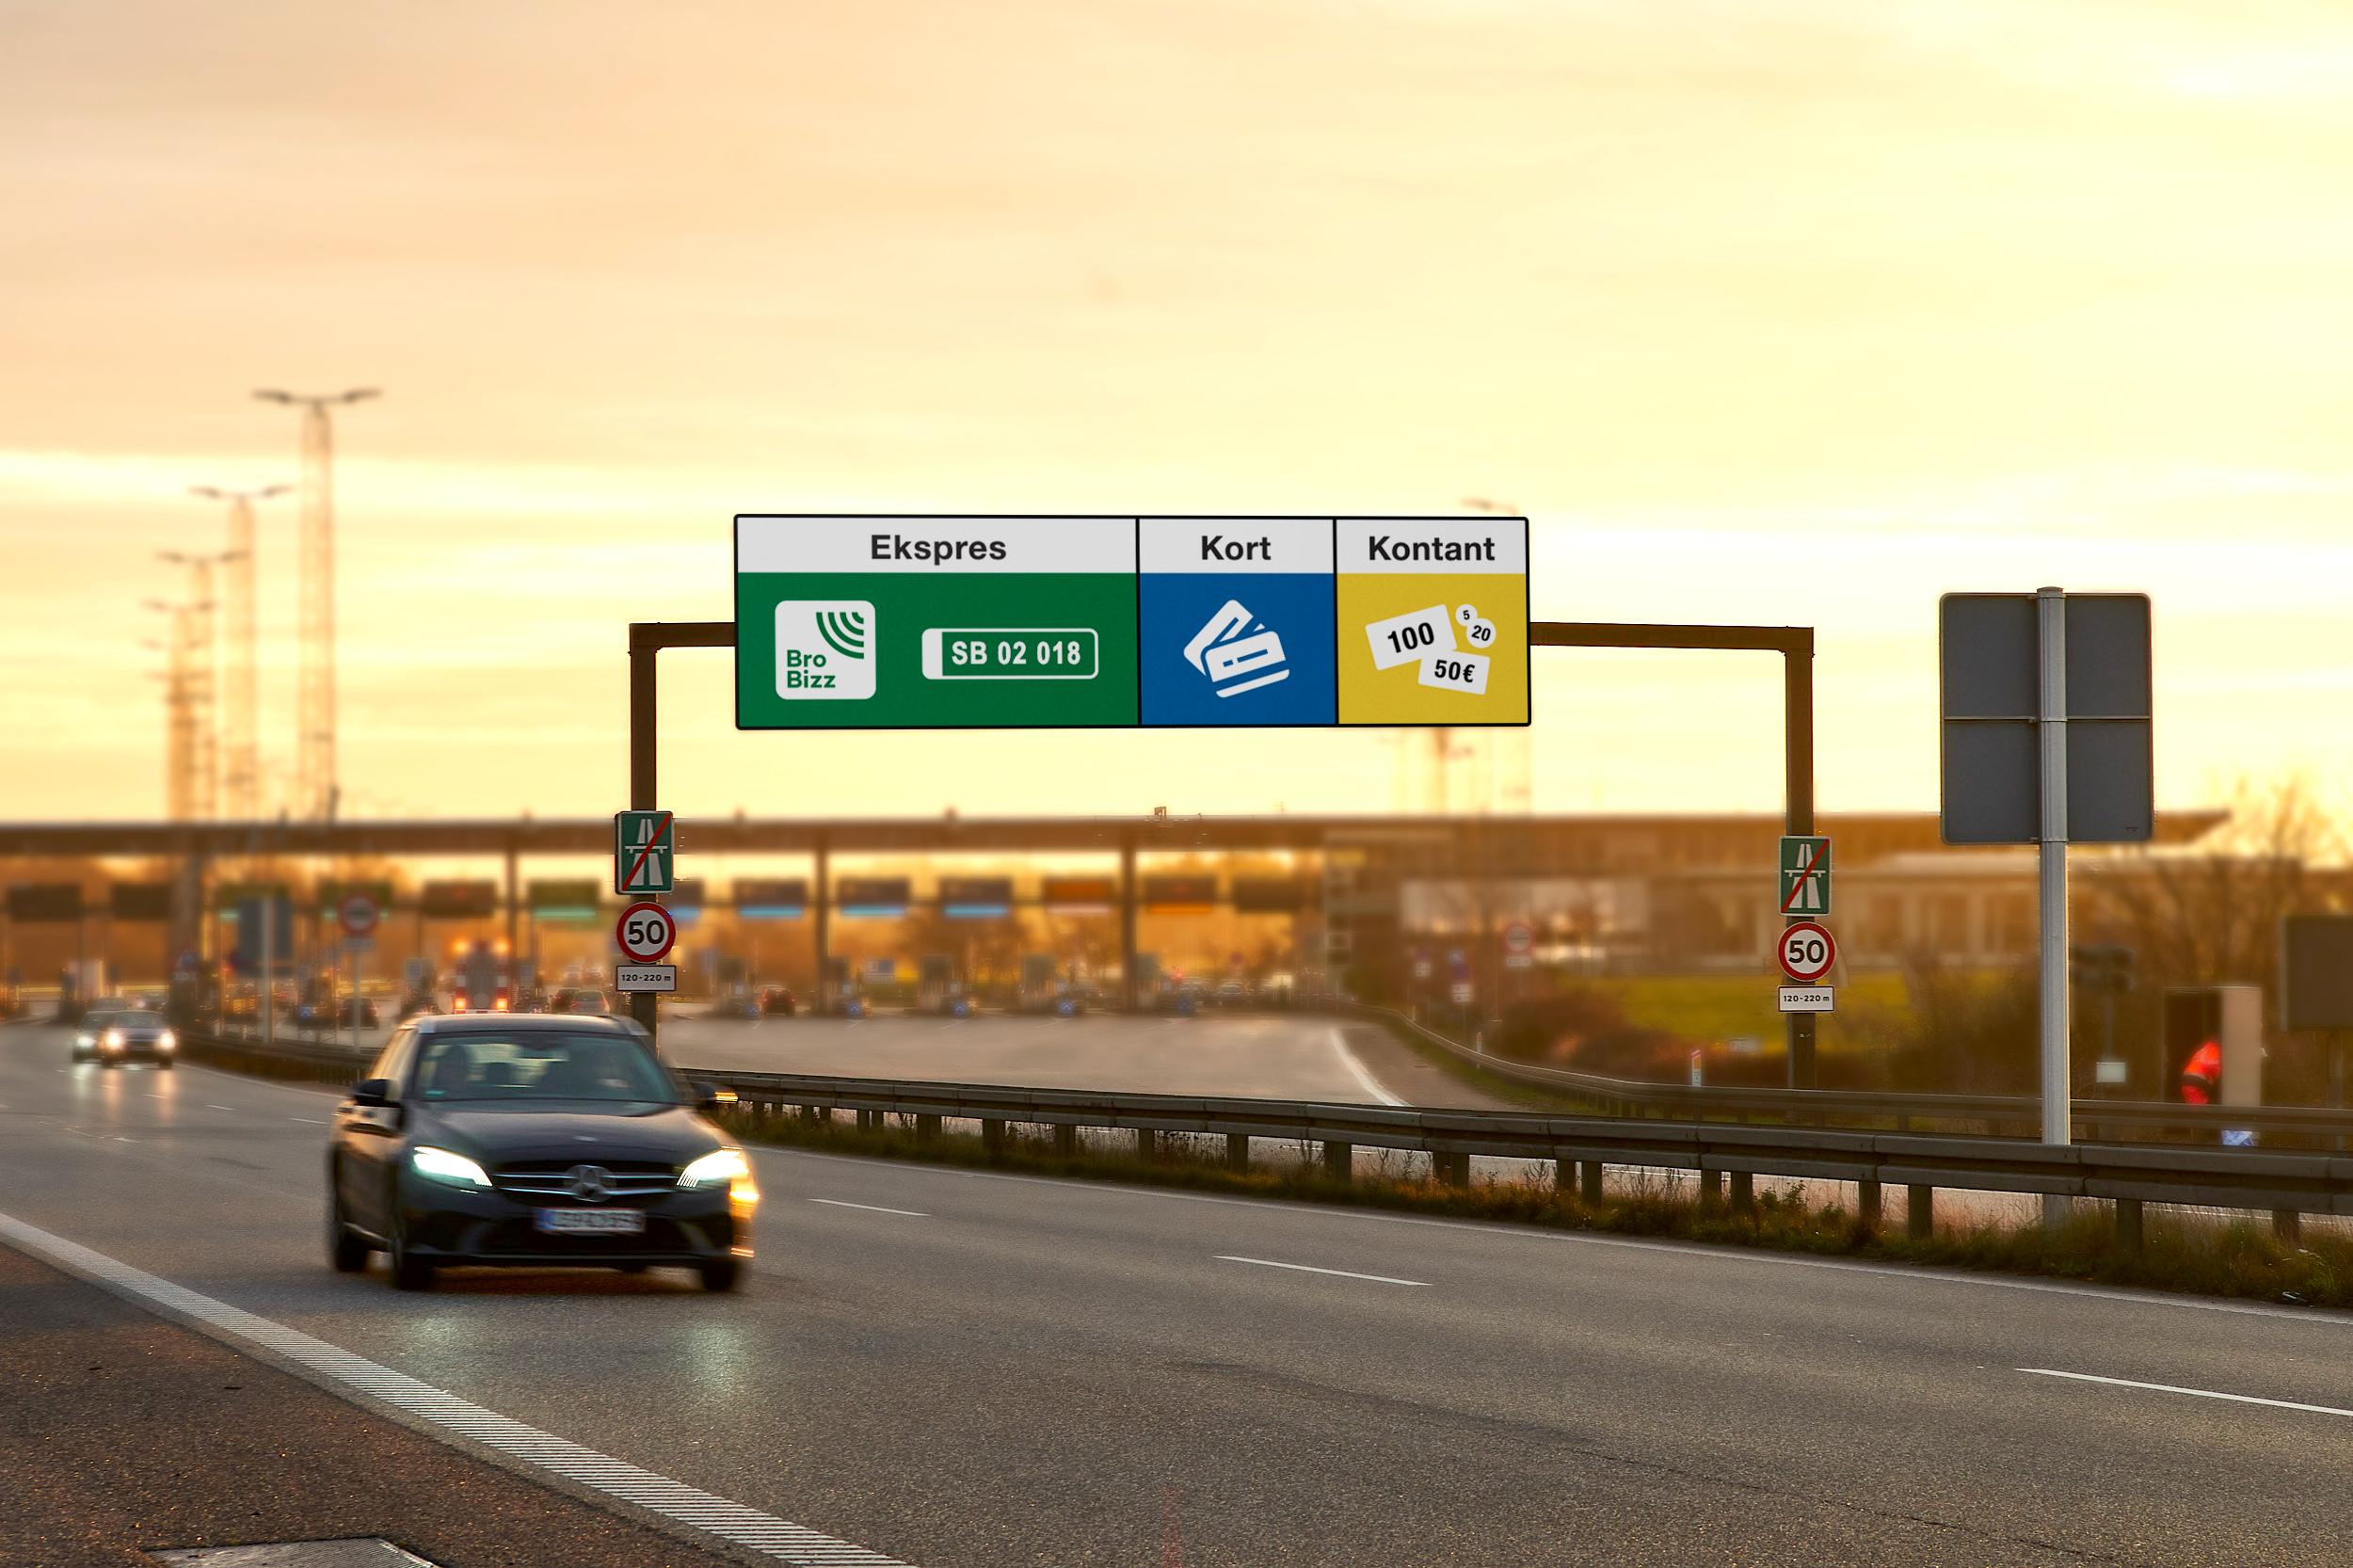 Gratis passage over Storebælt fra 1. juni til 31. august vil booste indenlandsk turisme, lyder et af forslagene fra Dansk Erhverv. Arkivpressefoto: Sund & Bælt.